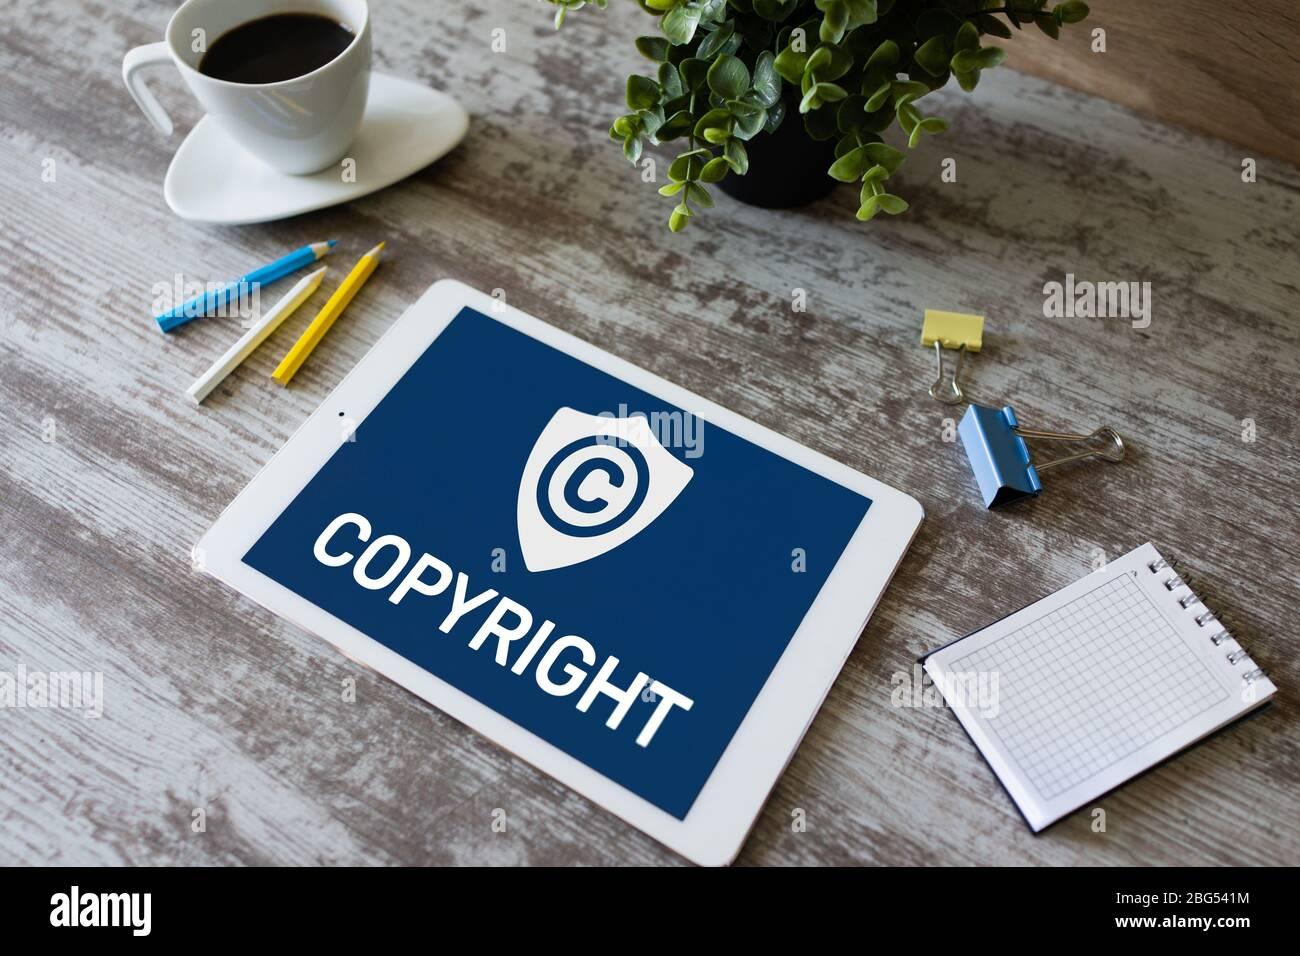 Icona Copyright sullo schermo. Diritto Dei Brevetti E Proprietà Intellettuale. Concetto Di Business, Internet E Tecnologia Foto Stock